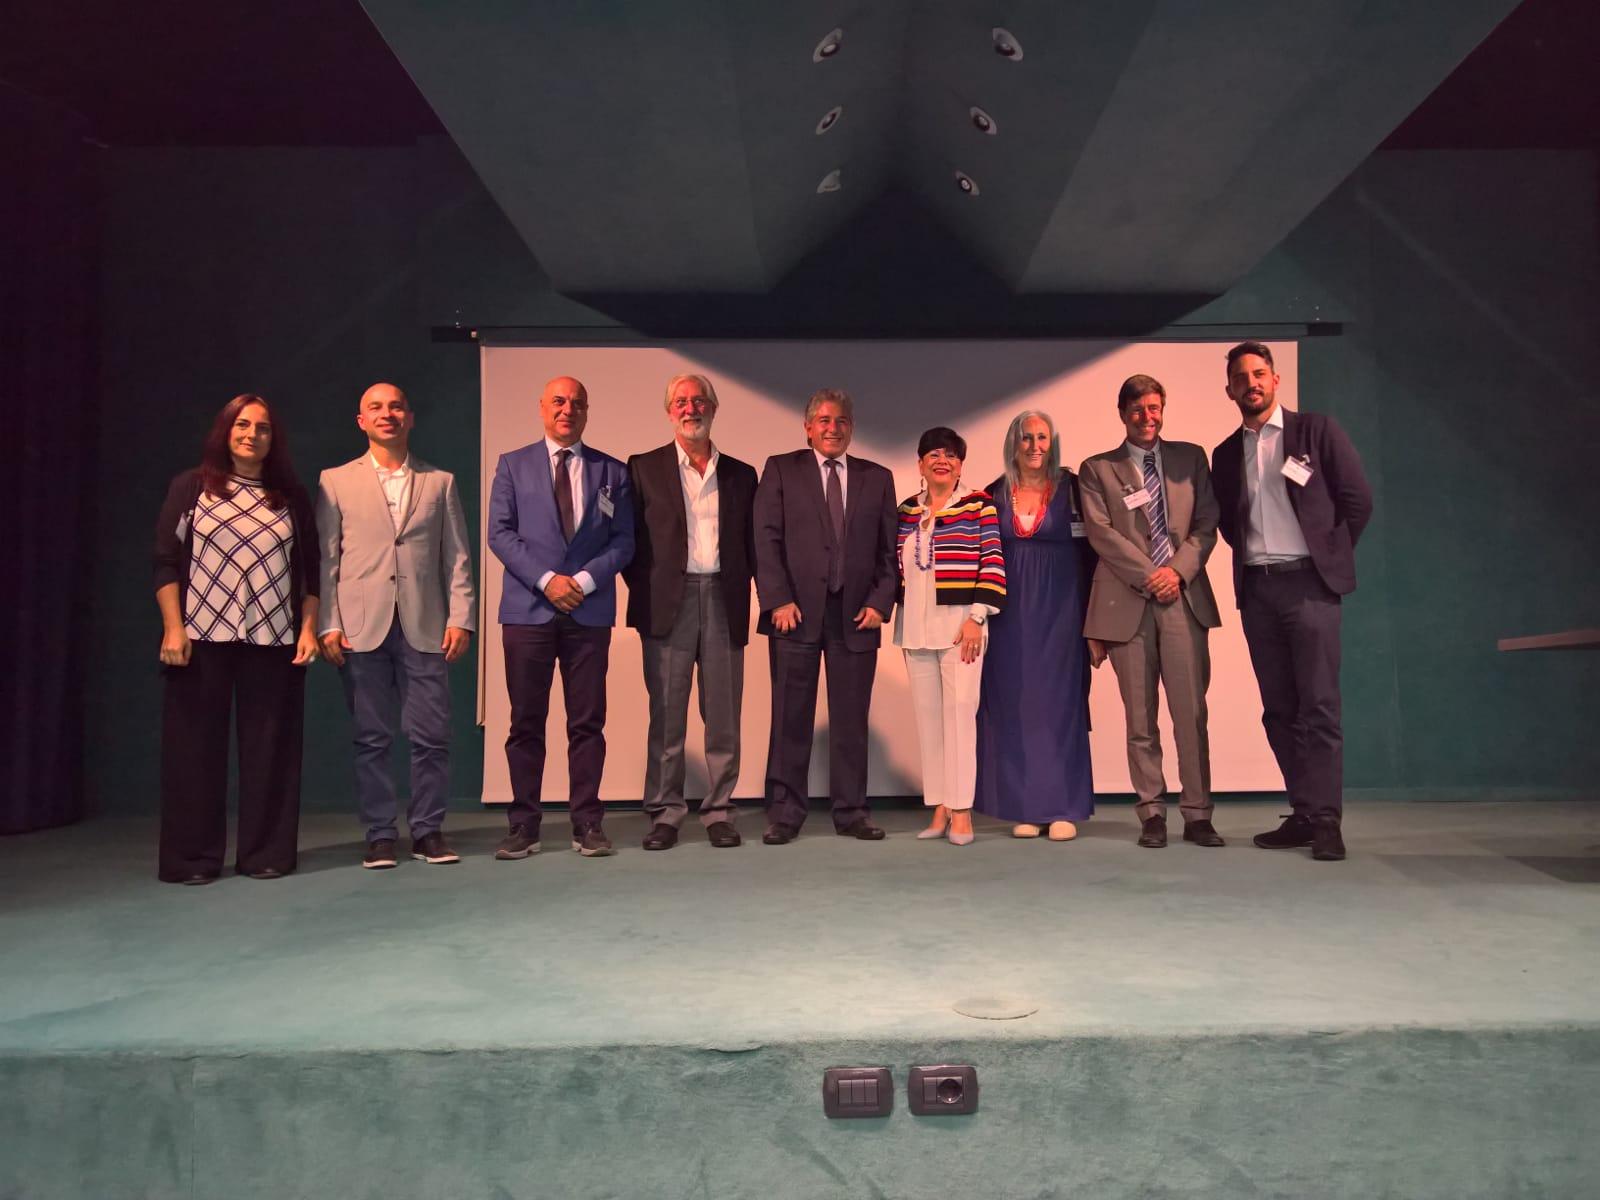 L'Icar Cnr partecipa alla prima Convention in Italia sulla Realtà virtuale in soggetti con impairment cognitivo